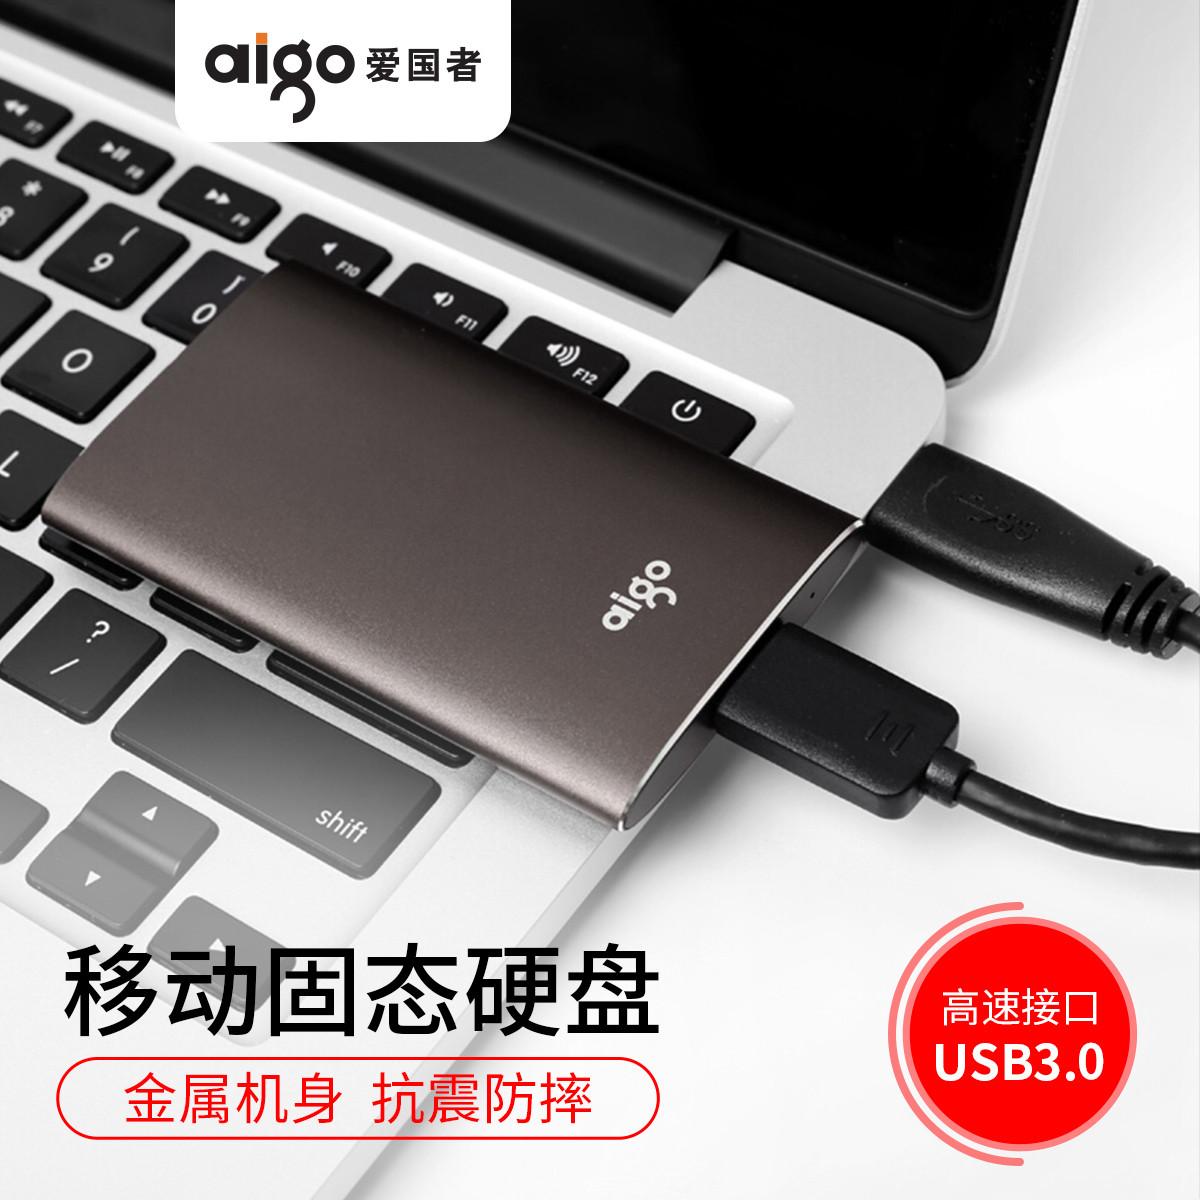 aigoS01 USB3.0防摔抗震移动固态硬盘 高速移动硬盘轻薄便携